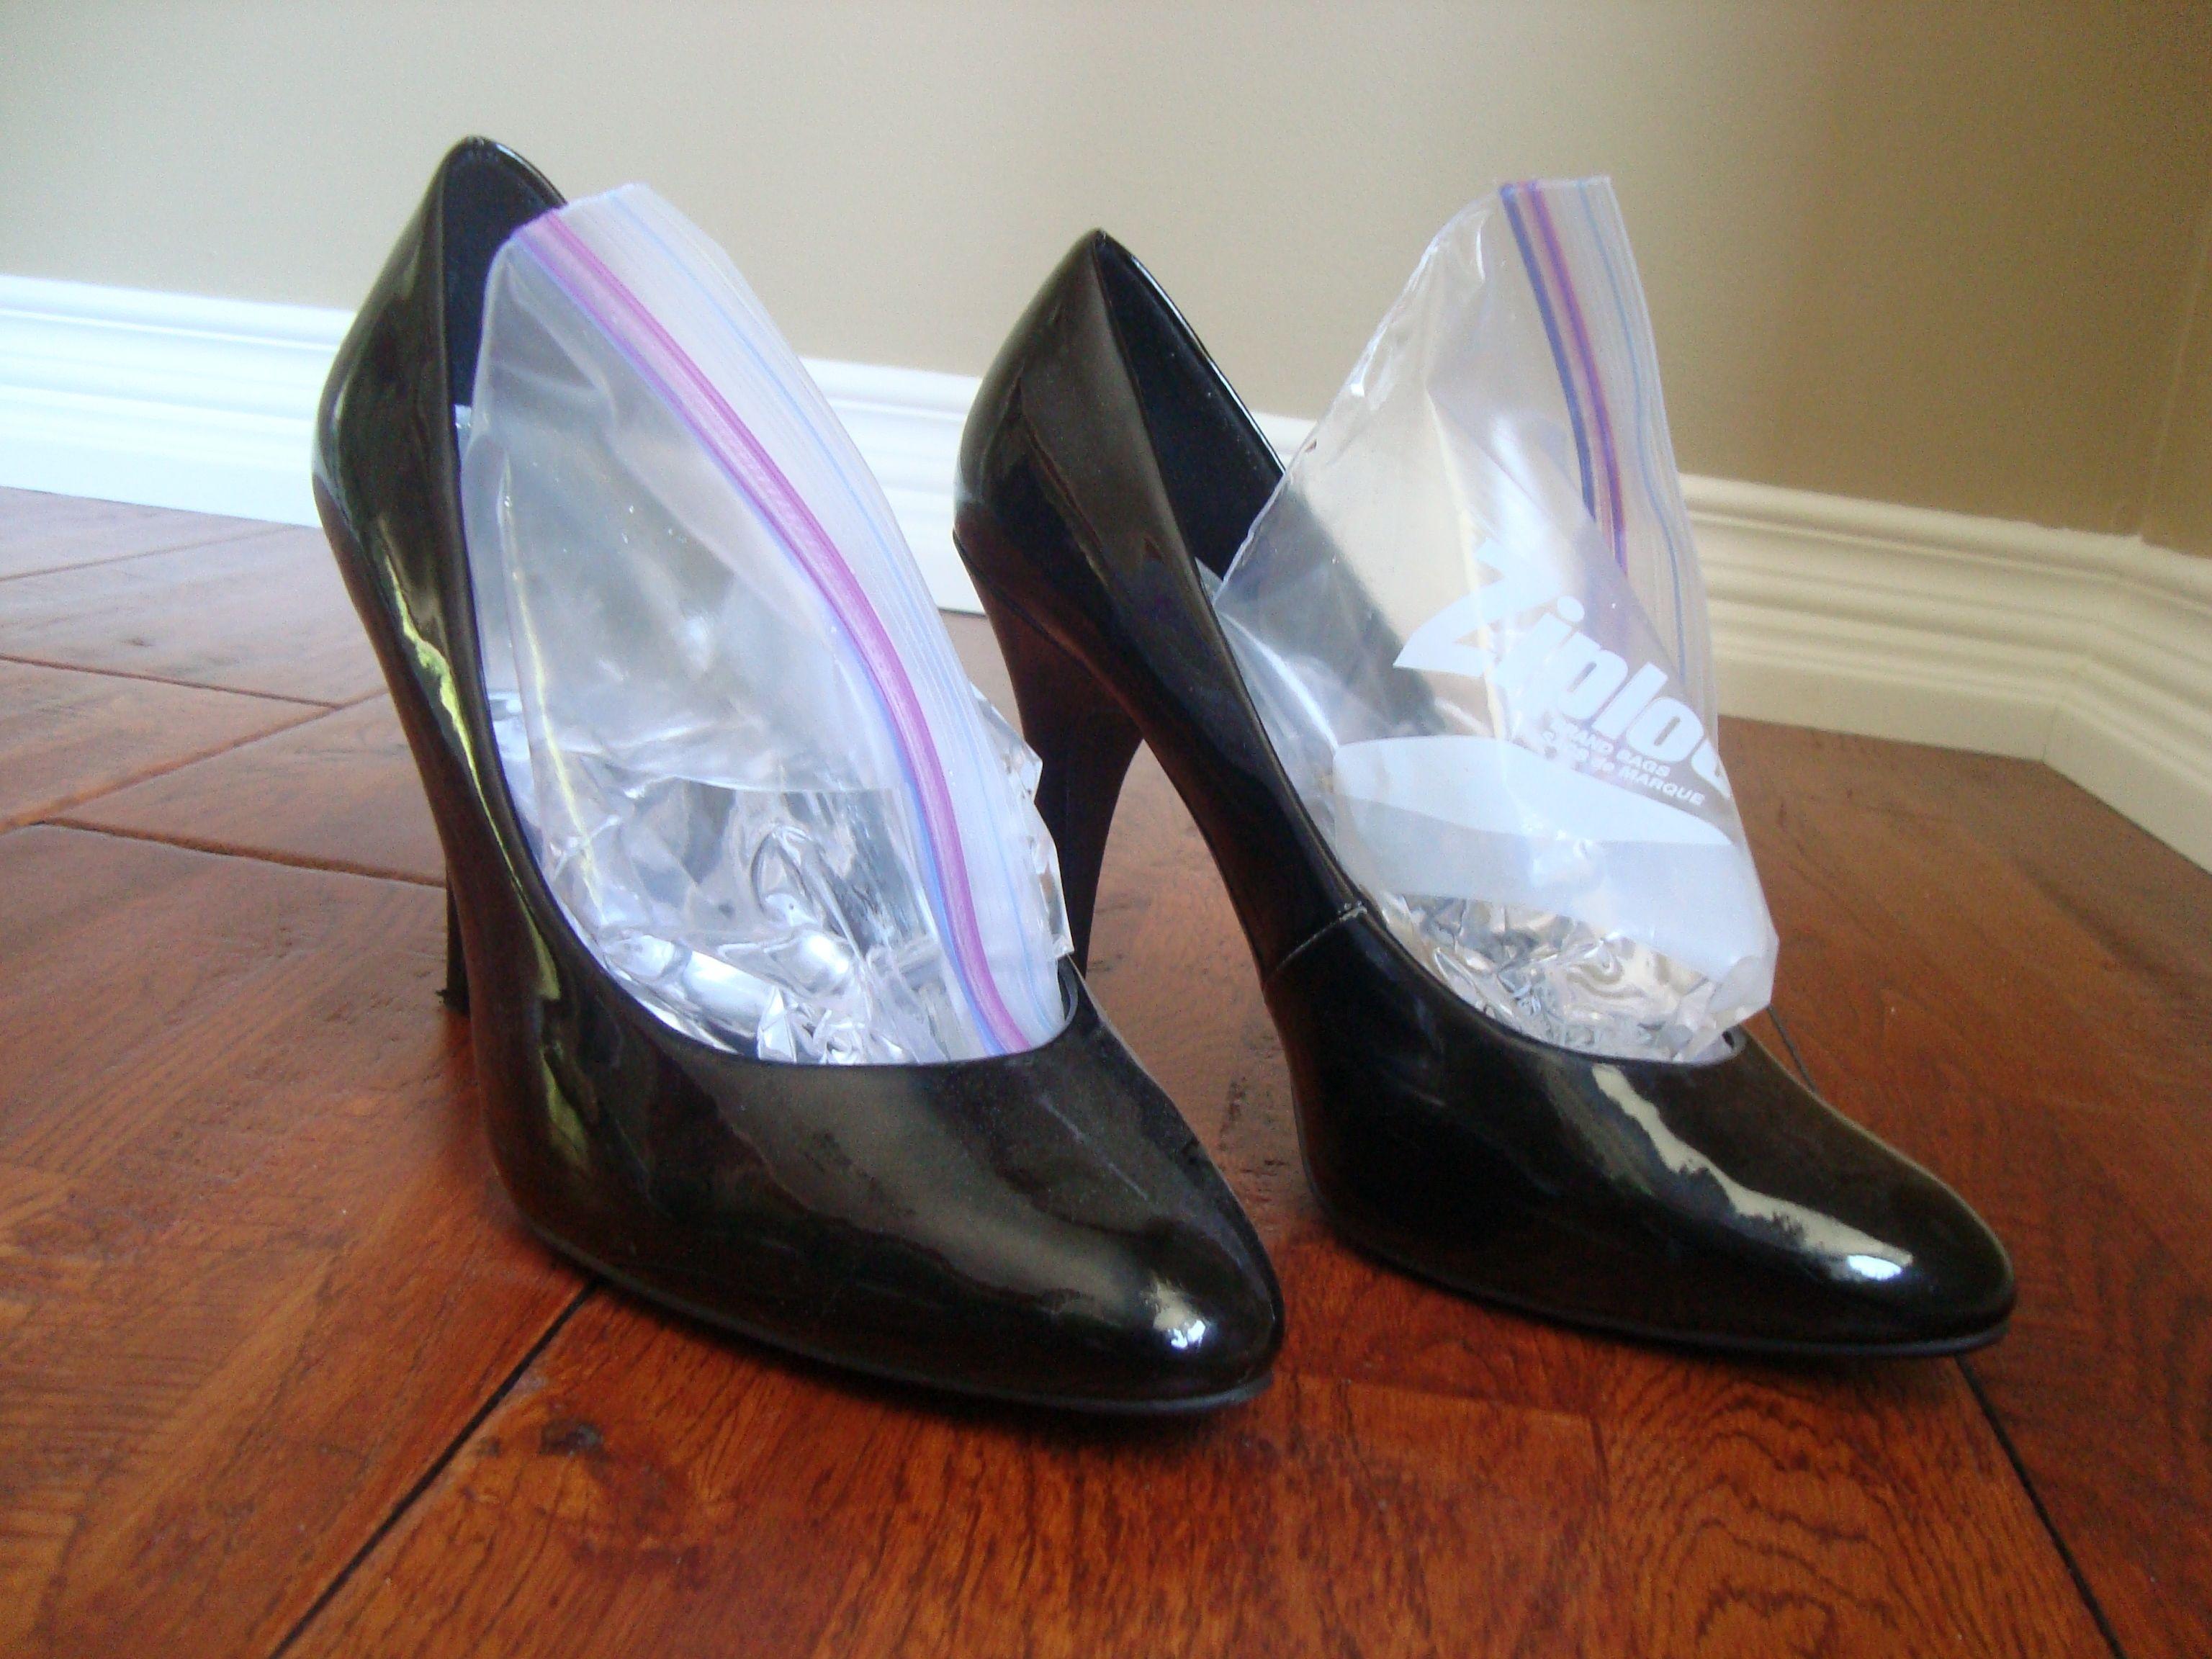 Je schoenen oprekken? 4 manieren om ze een maatje groter te